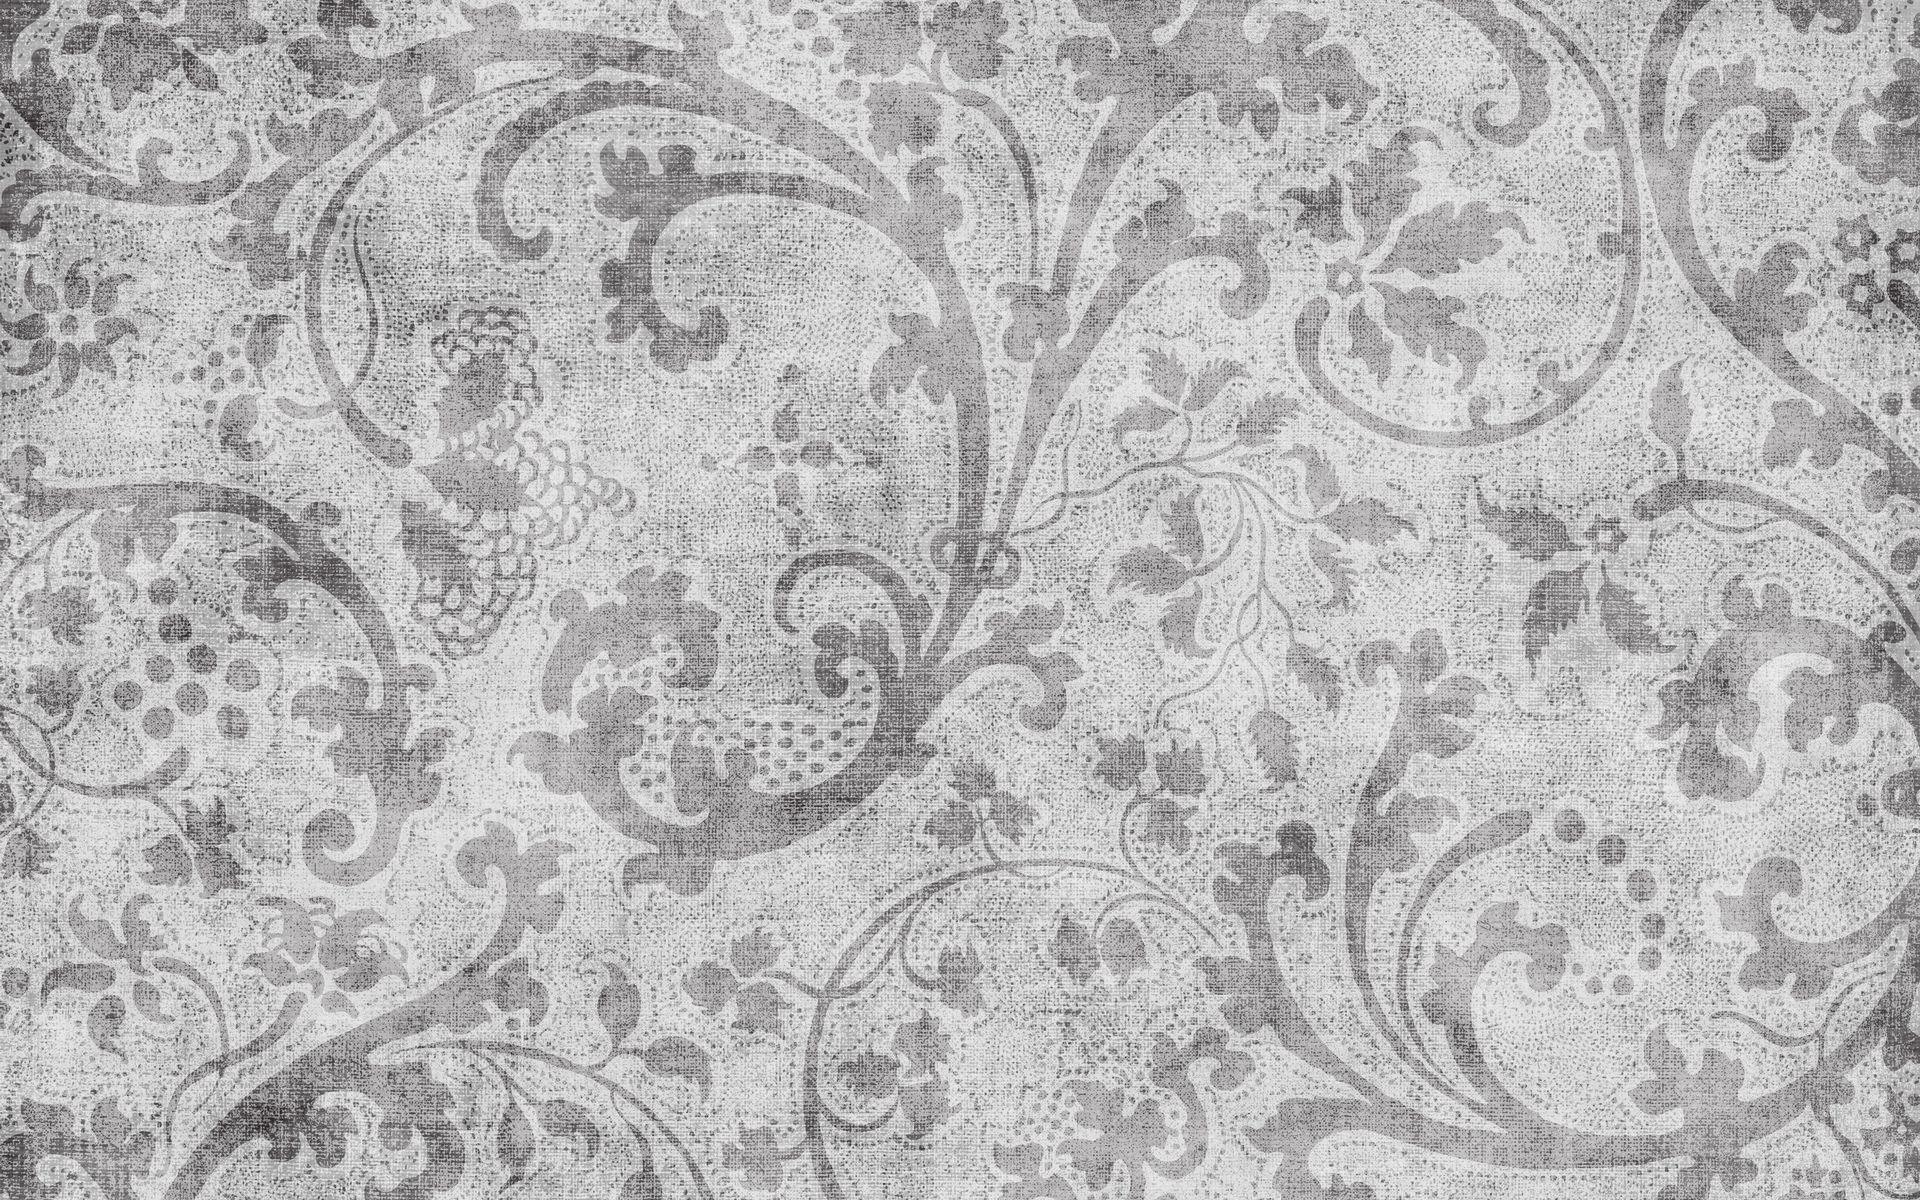 Vintage Wallpaper Tumblr Black And White Desktop Free Download Wallpaper Desktop Backgrounds Vintage Wallpaper Textures Patterns Pattern Wallpaper